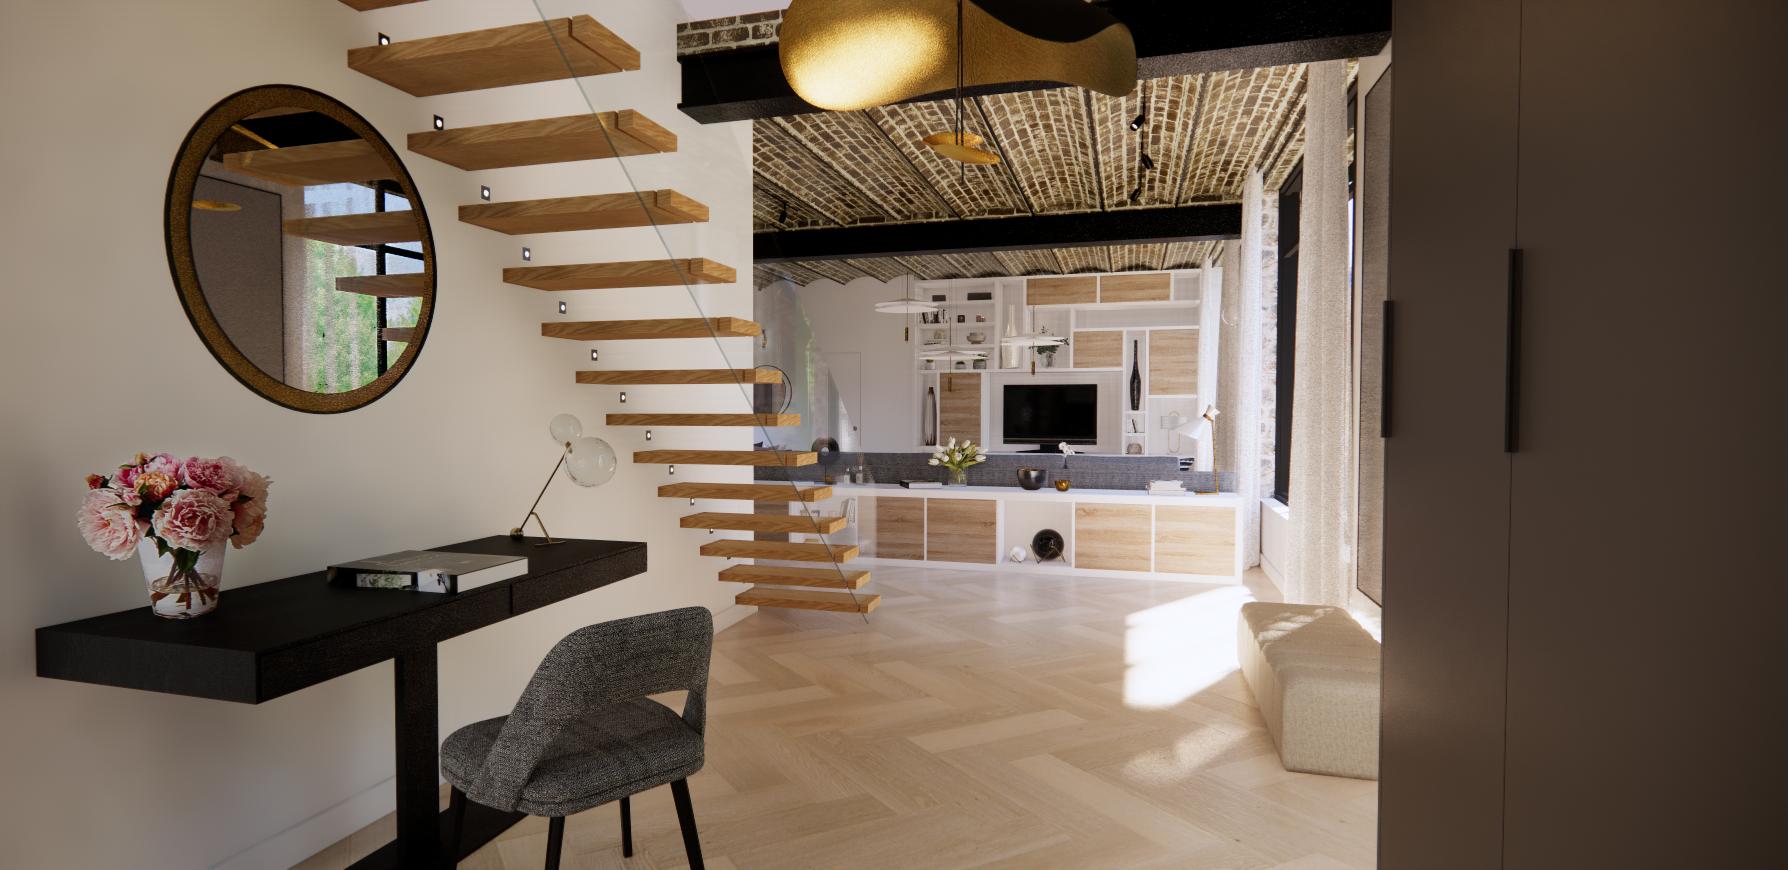 Entre e escalier design